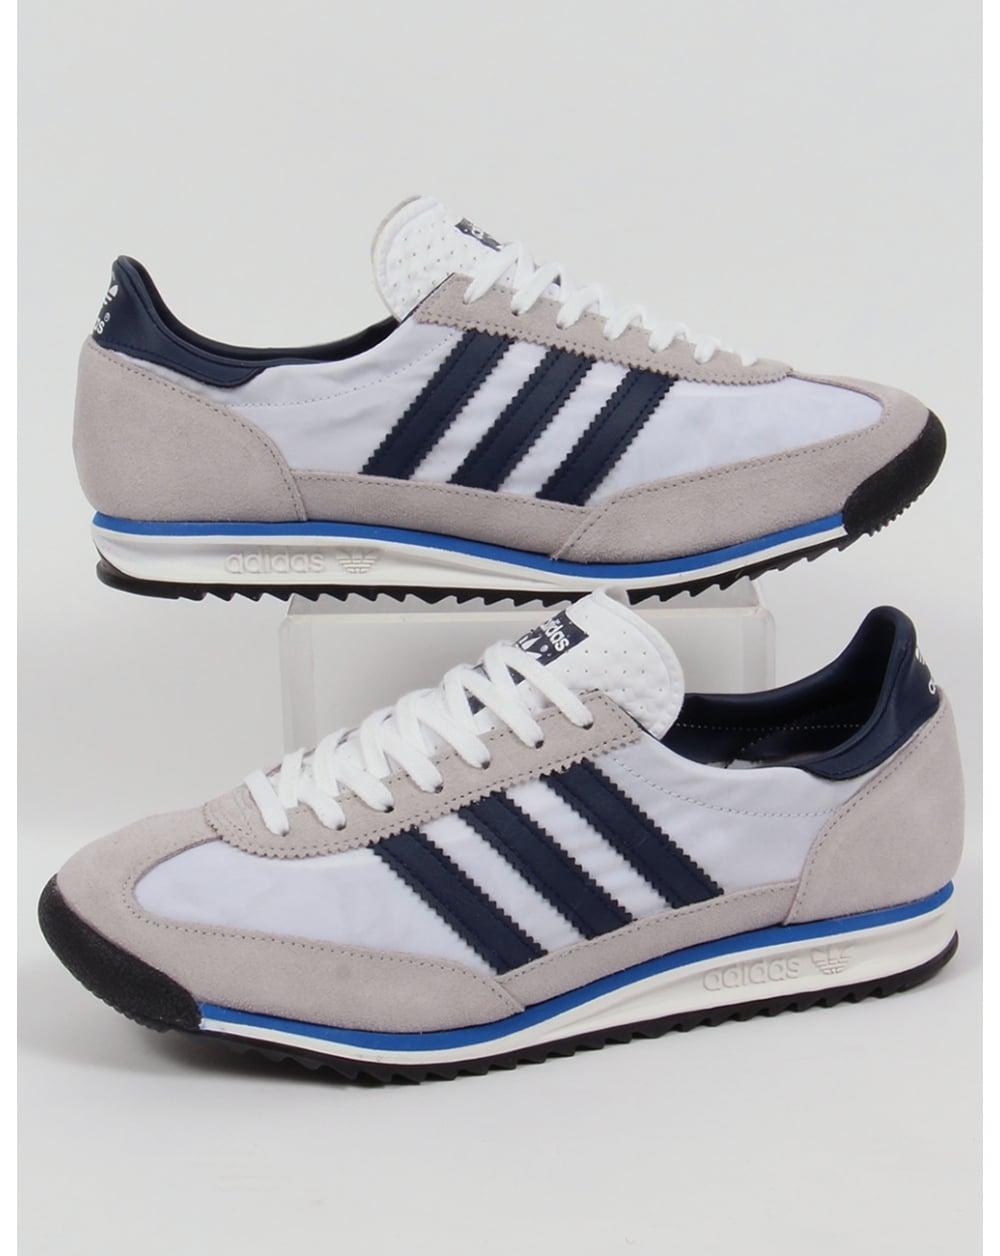 100% Calidad mejor sitio web nuevo estilo Adidas Sl 72 Trainers White/navy/royal,originals,shoes,sneakers,runner